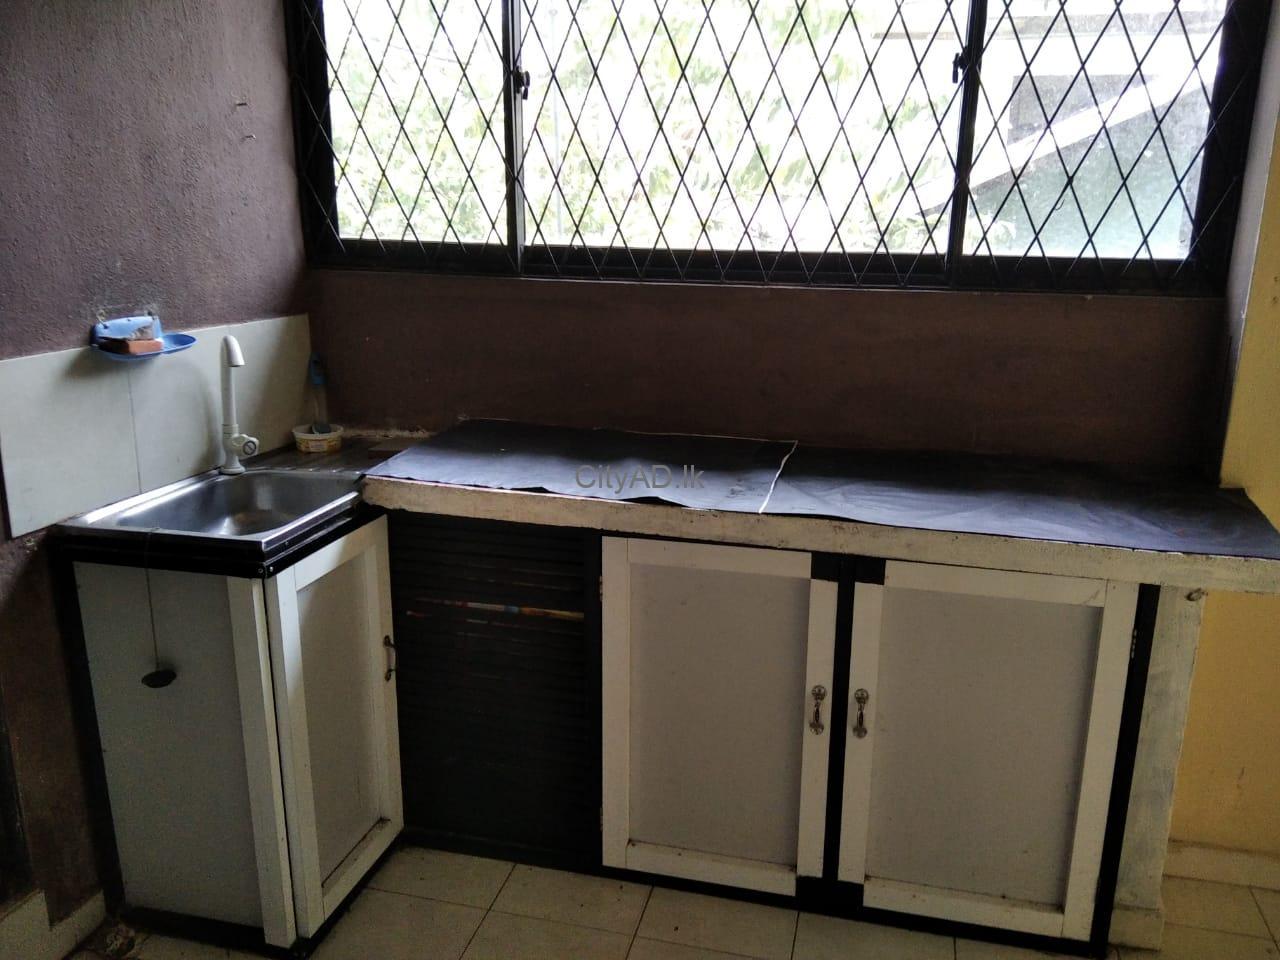 Annex for Rent in Mt.Lavinia - CityAD.lk